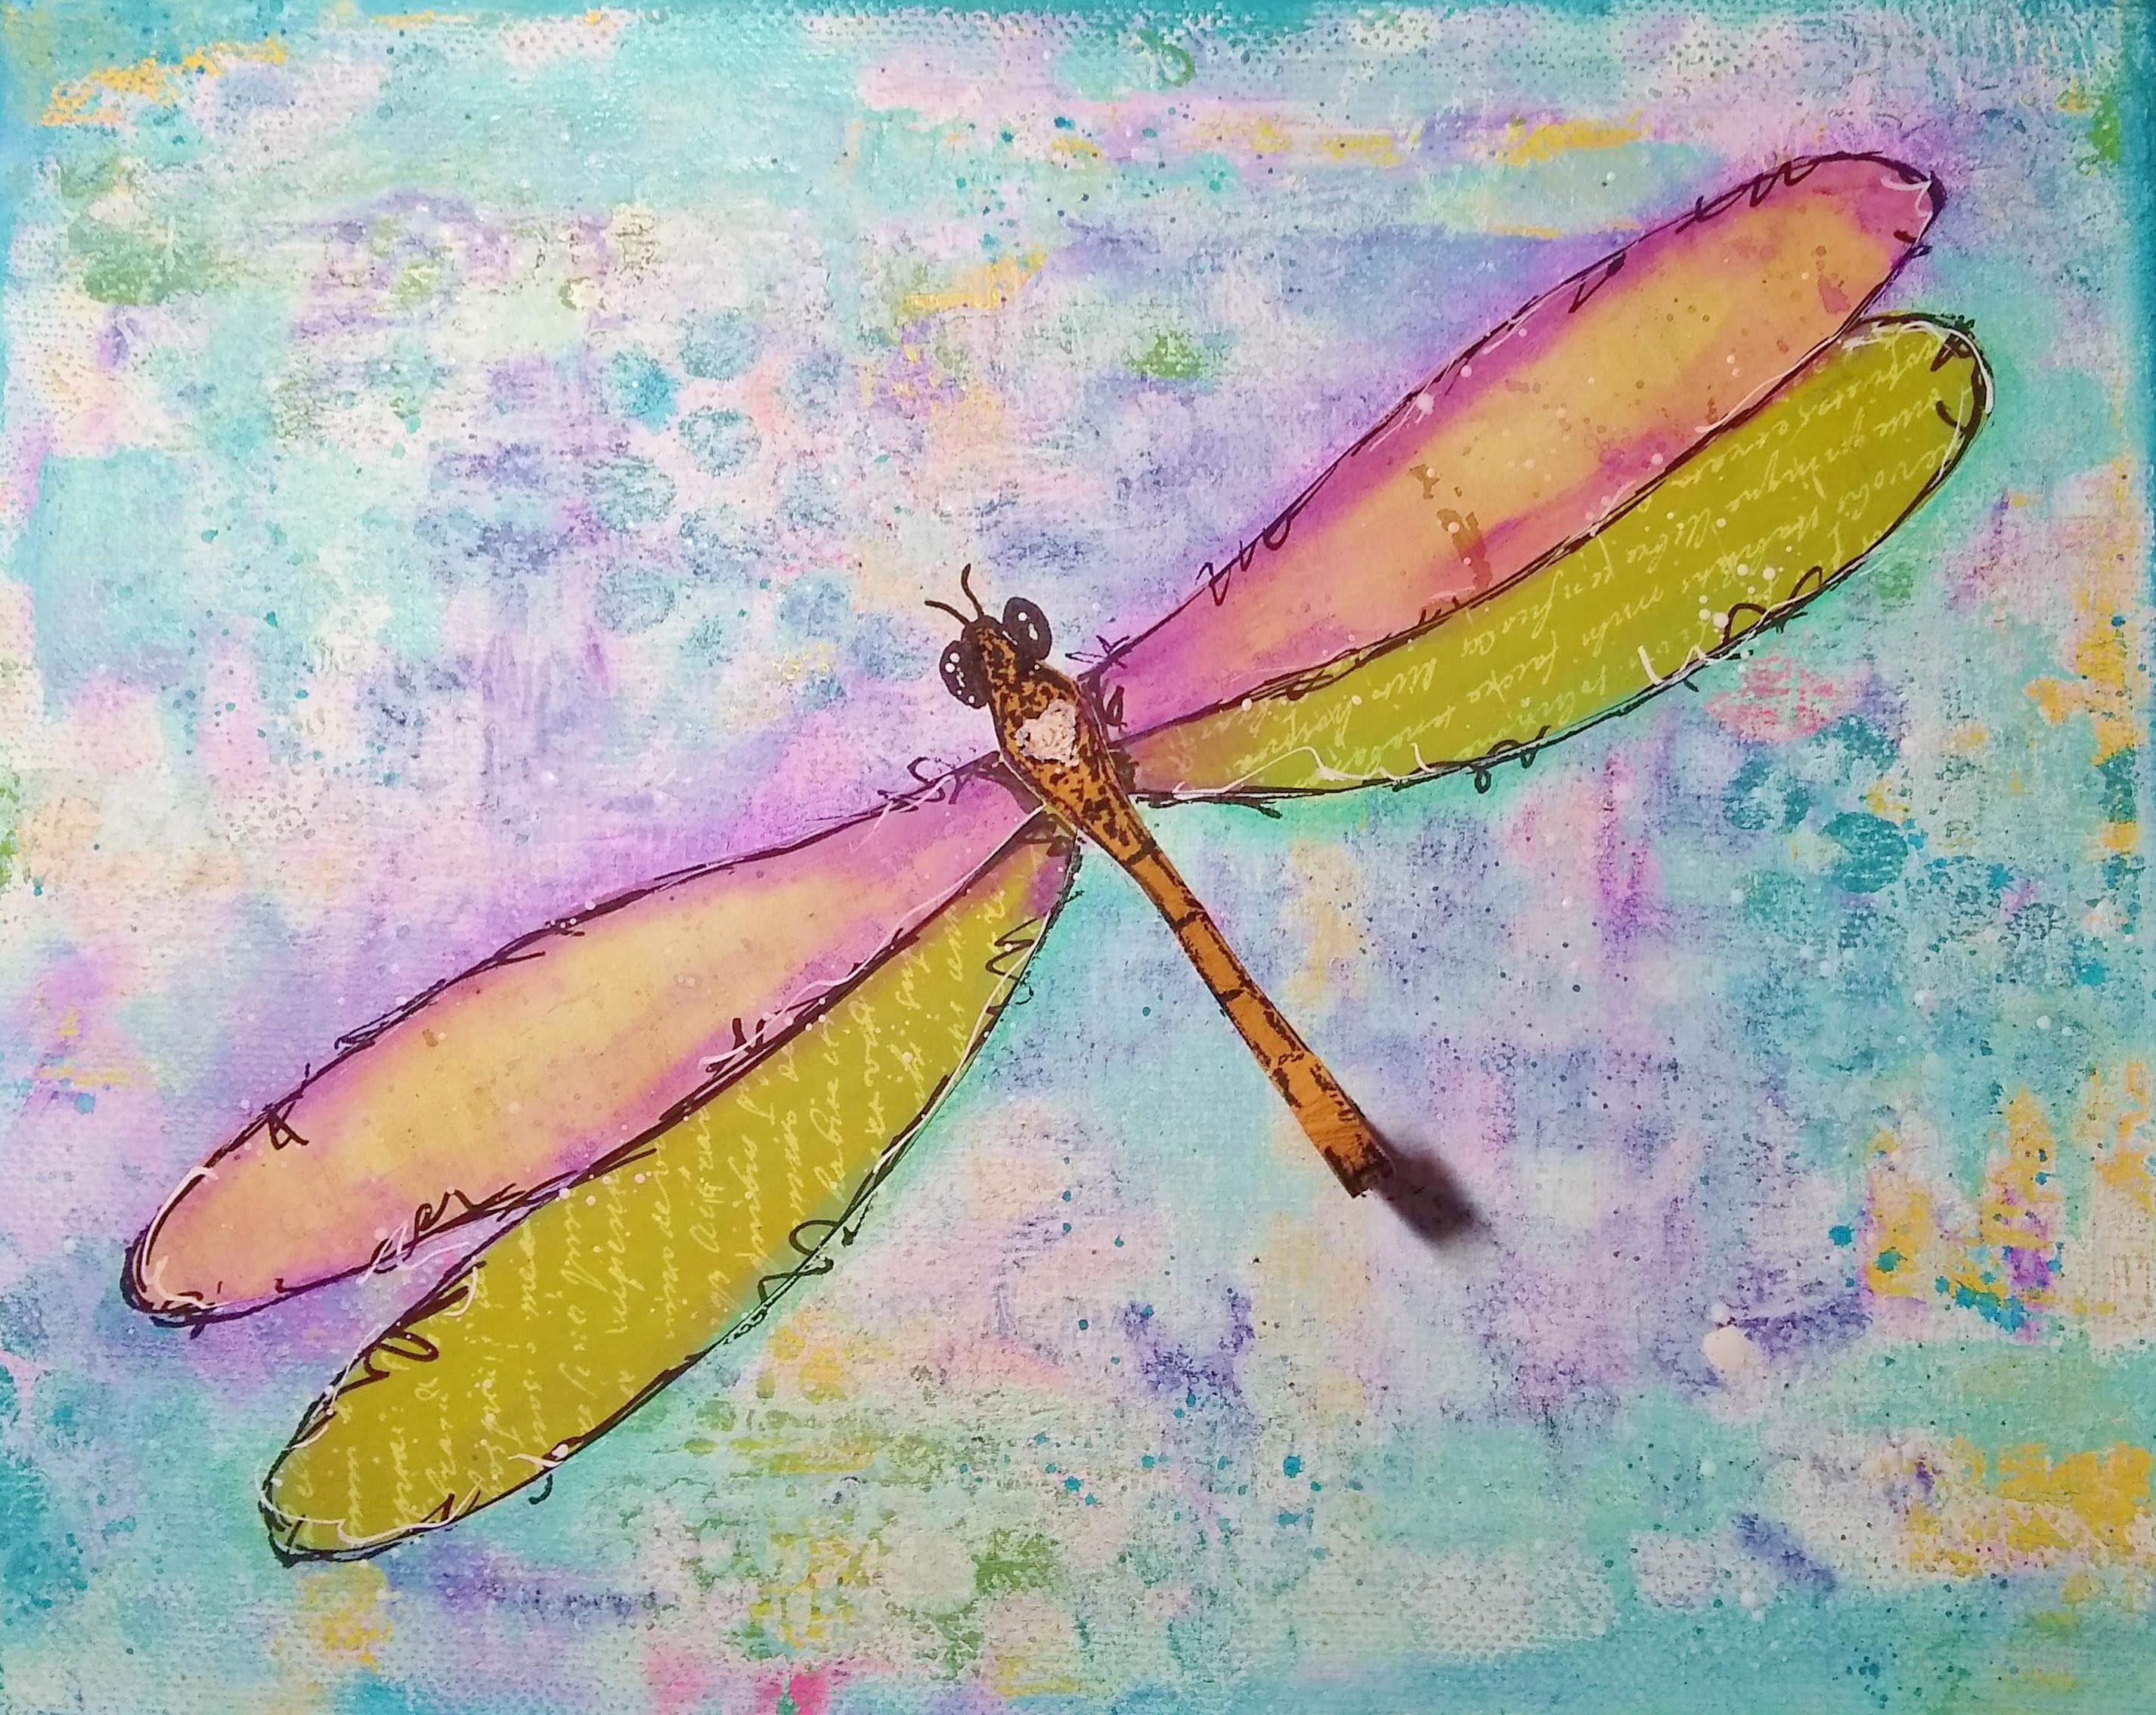 Mixed Media Dragonfly